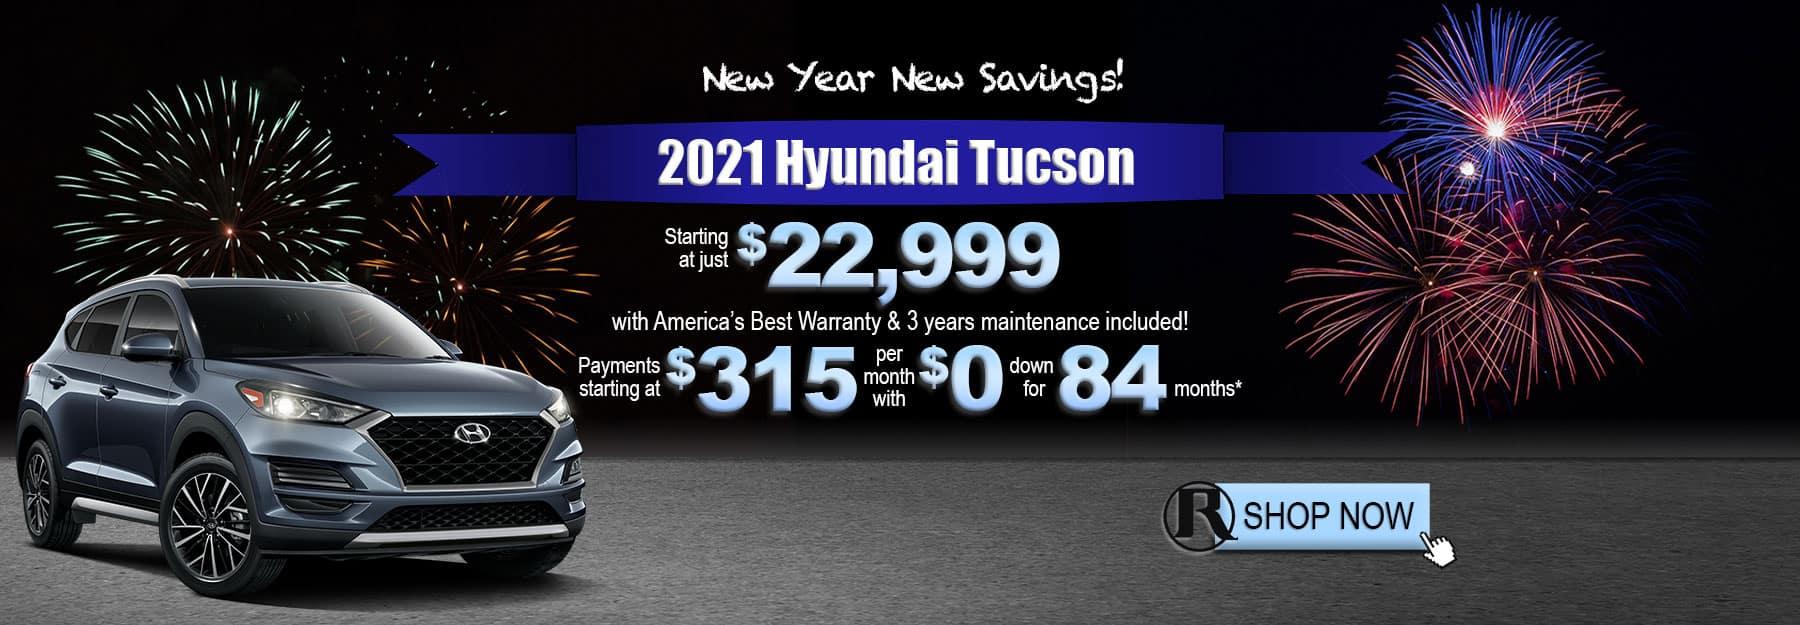 Hyundai Tucson St Joseph